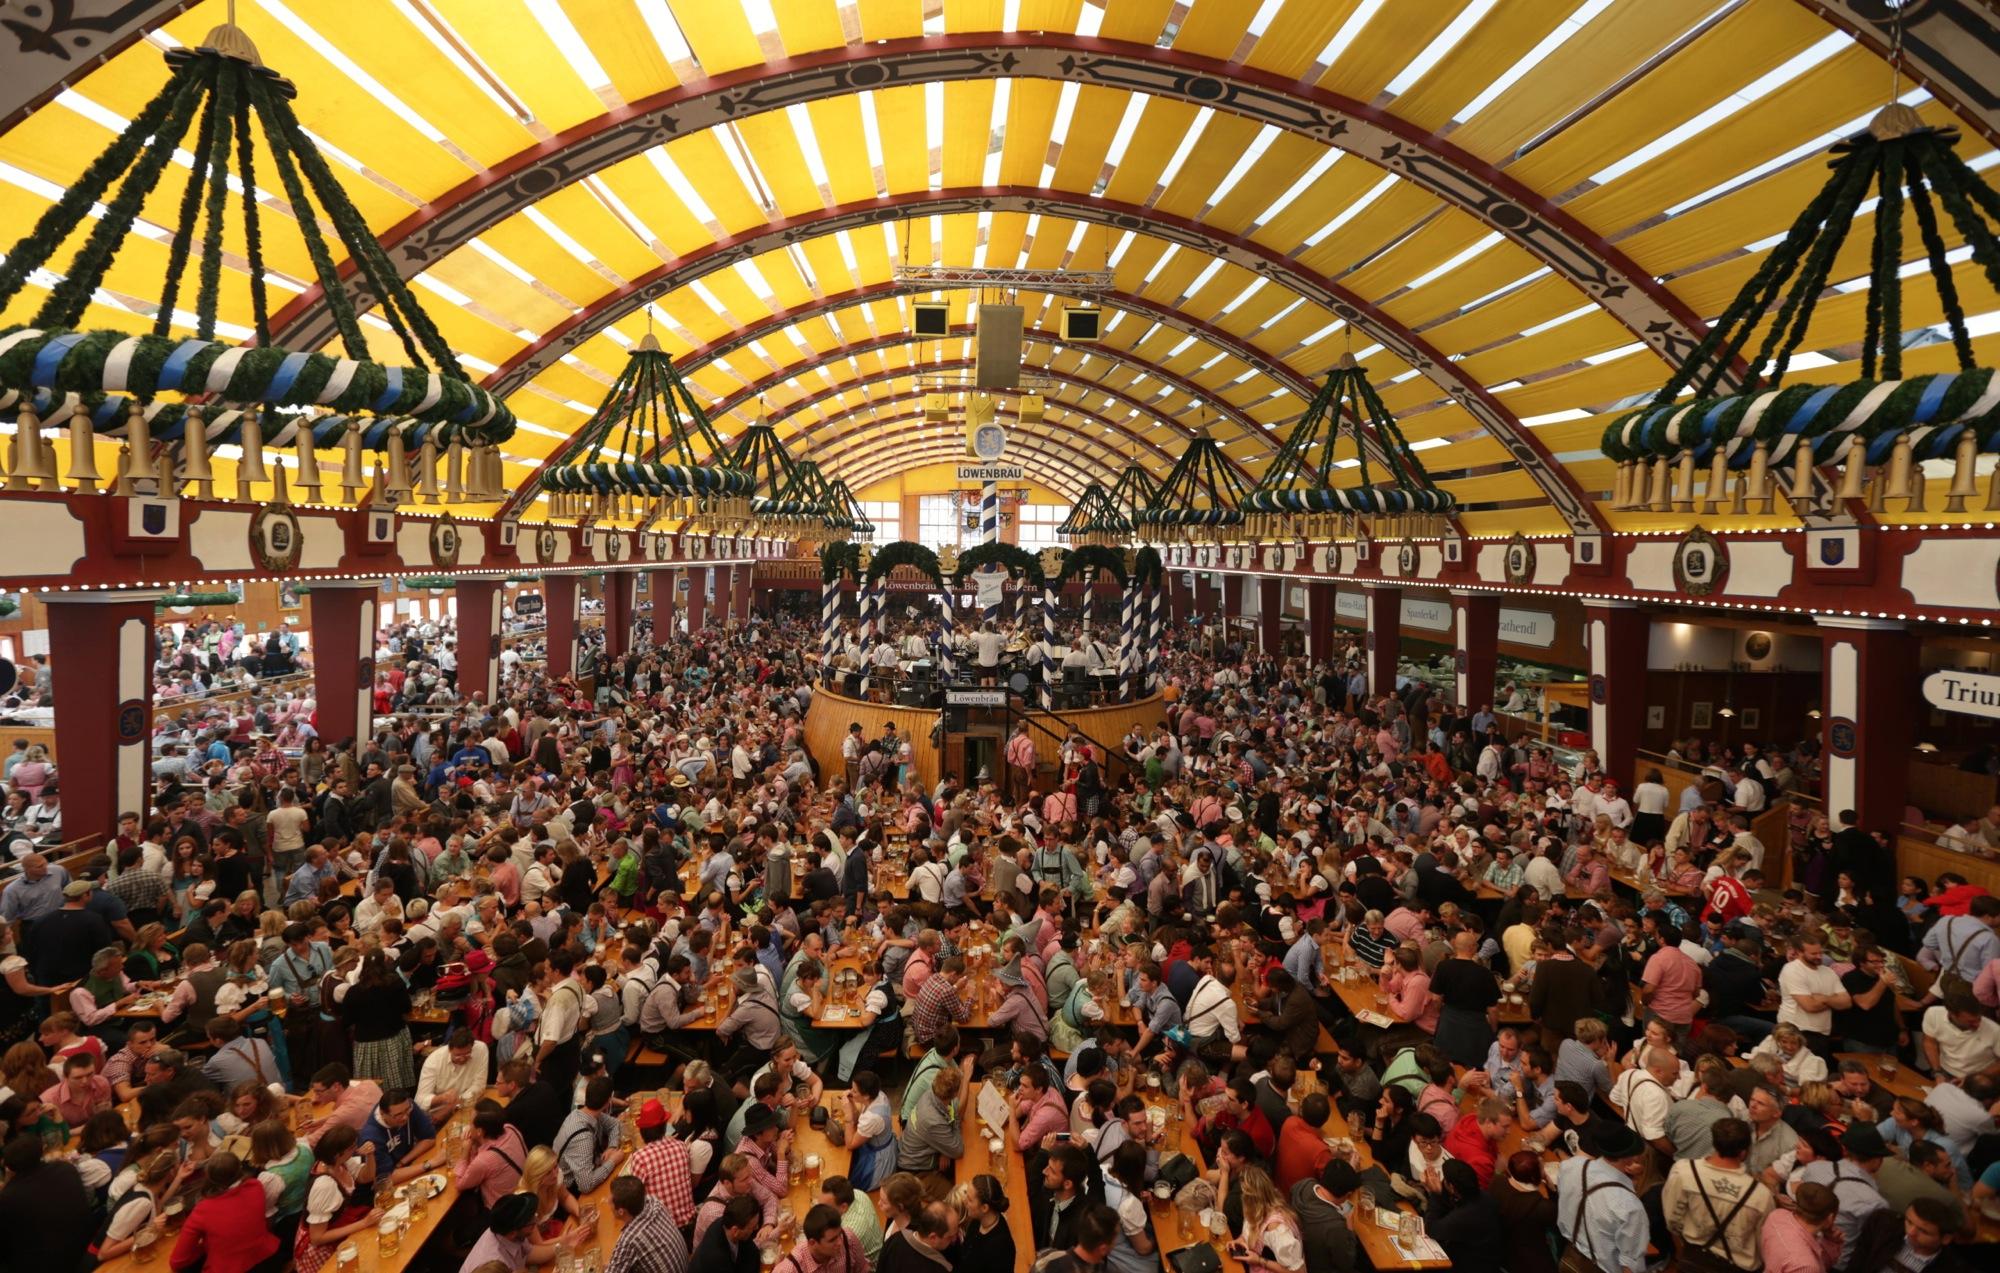 HQ Oktoberfest Wallpapers   File 2489.57Kb